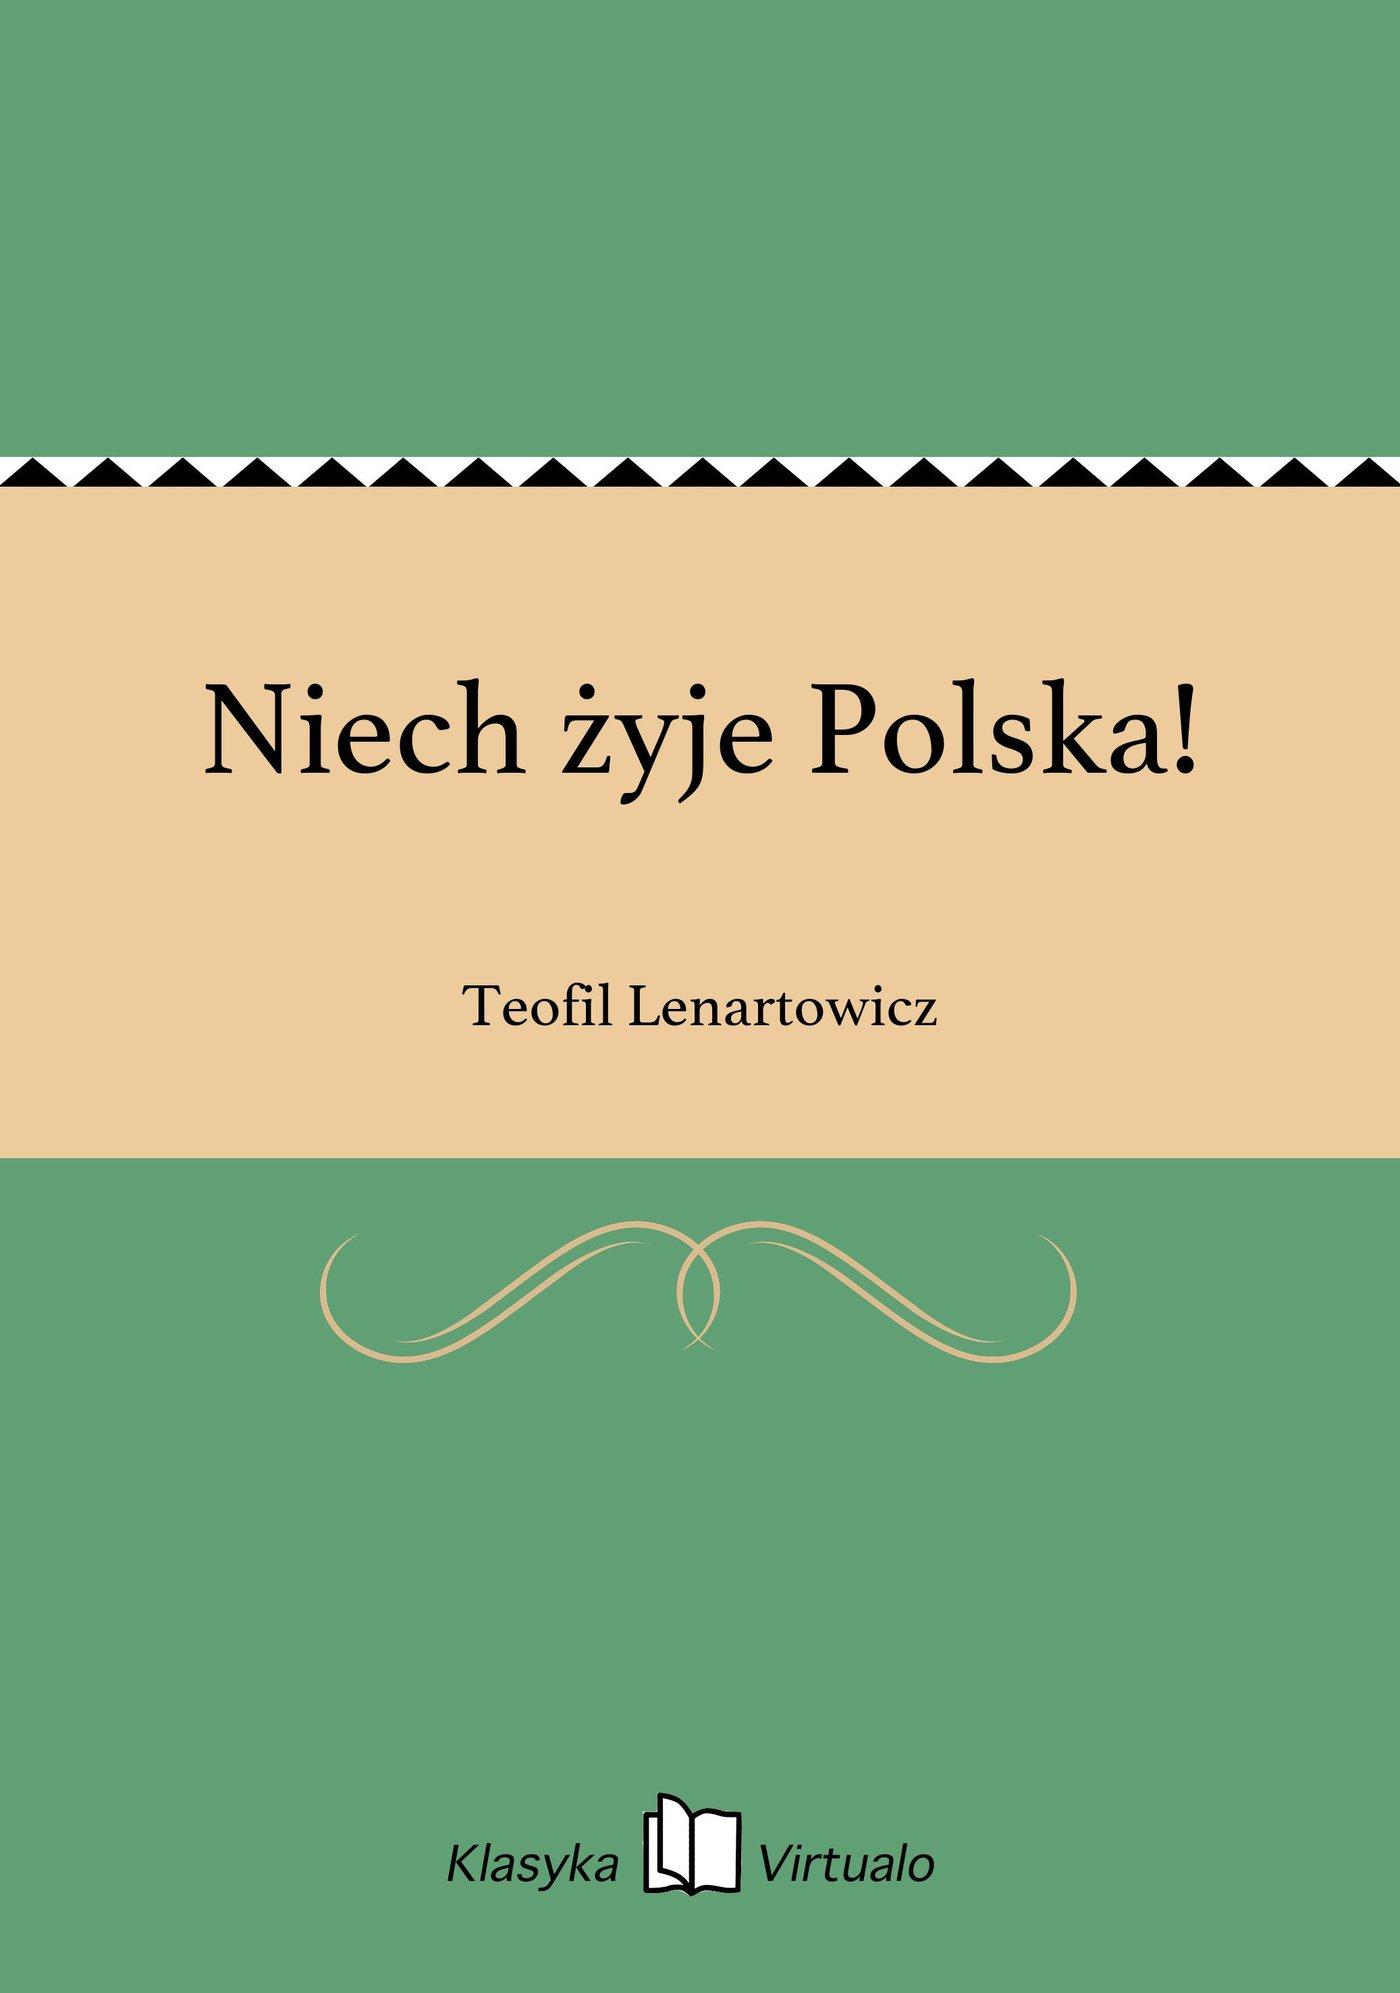 Niech żyje Polska! - Ebook (Książka EPUB) do pobrania w formacie EPUB